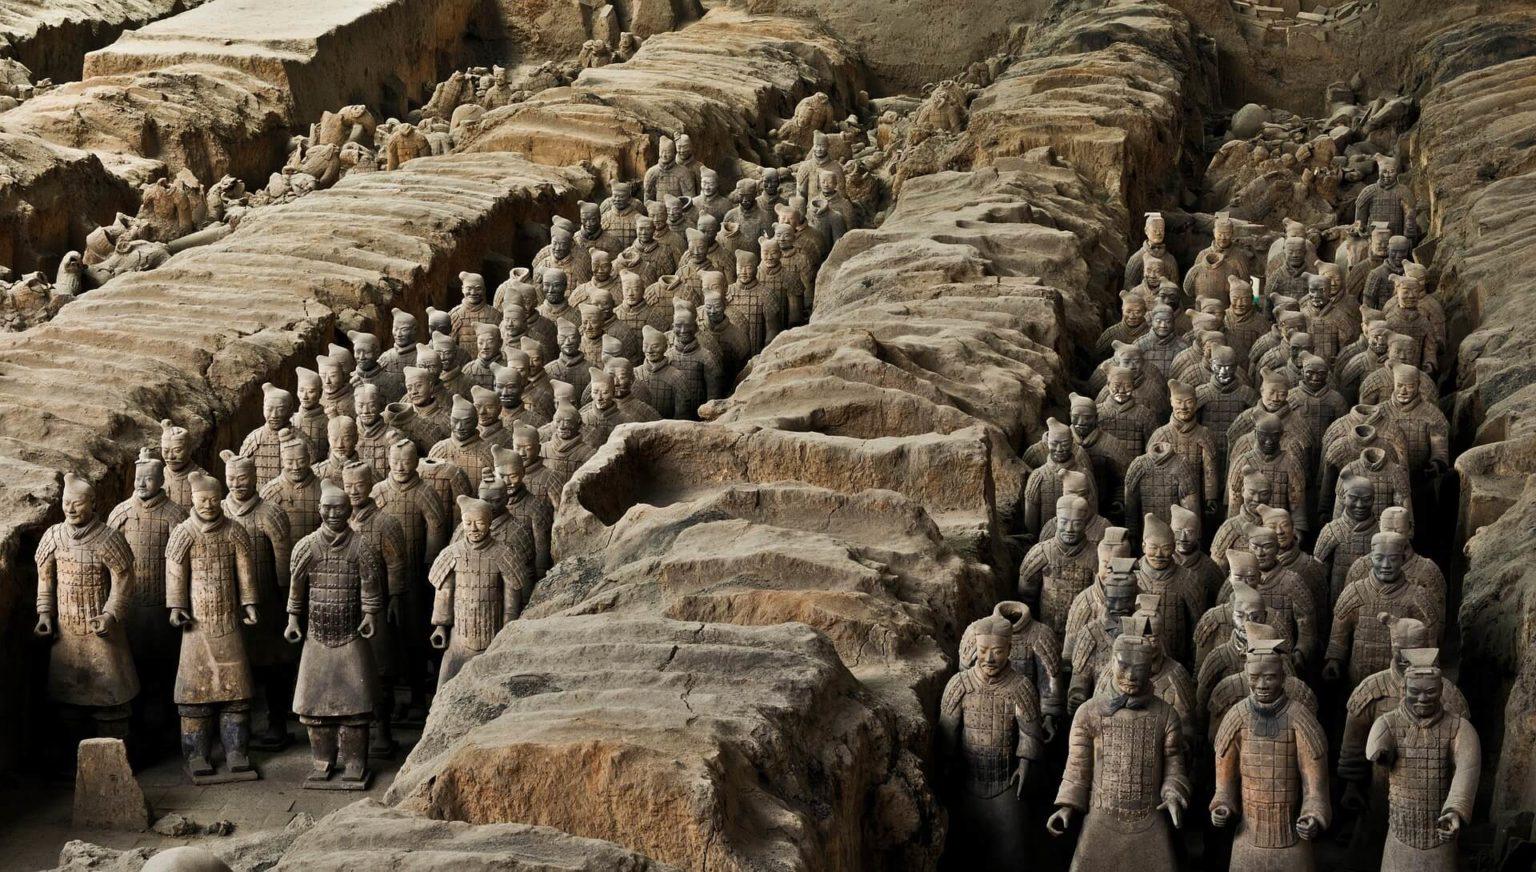 Терракотовая армия (г. Сиань, провинция Шэньси)